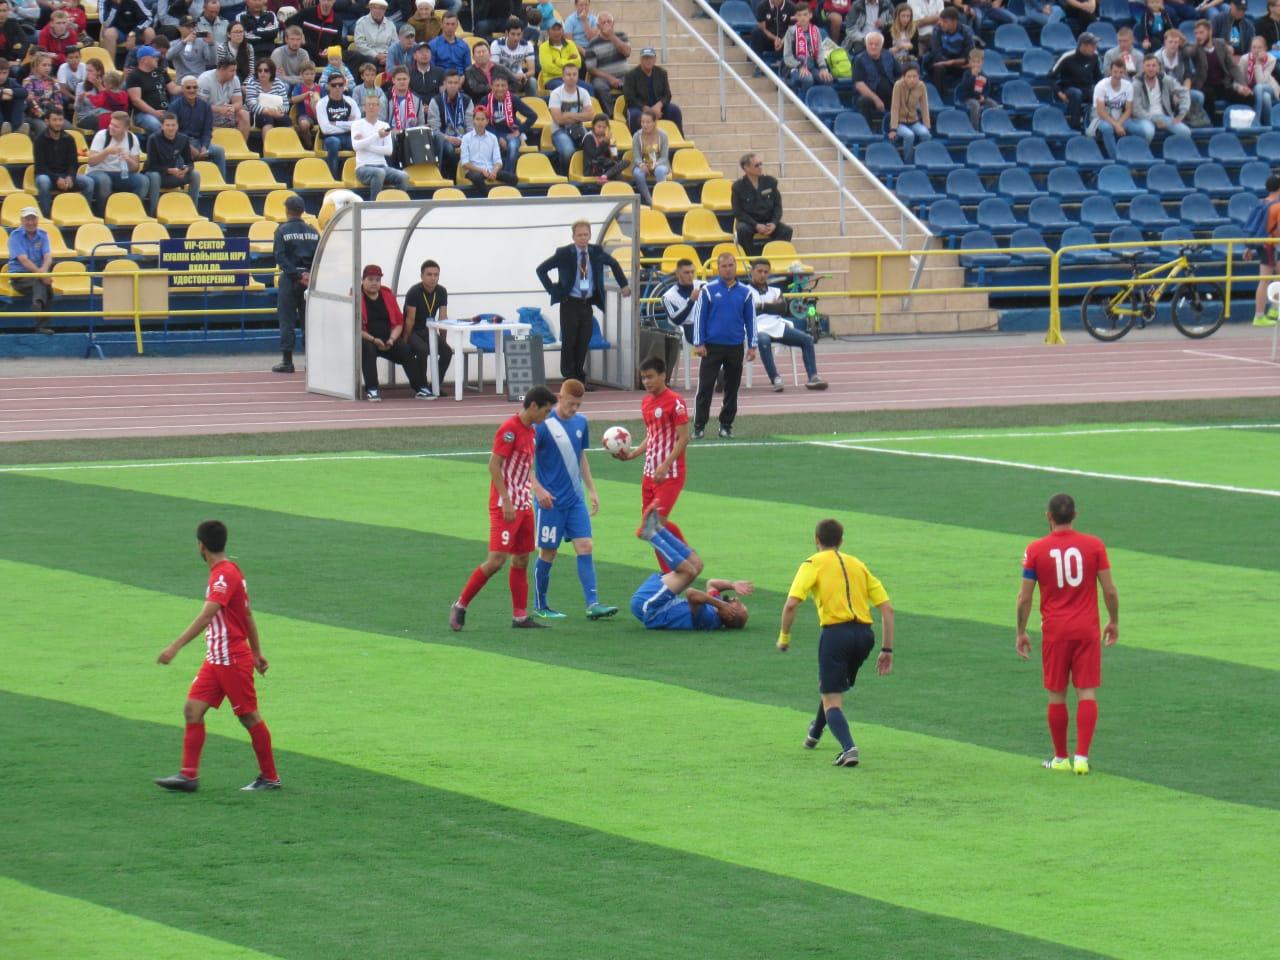 Сколько денег тратят на содержание спортивных клубов Петропавловска